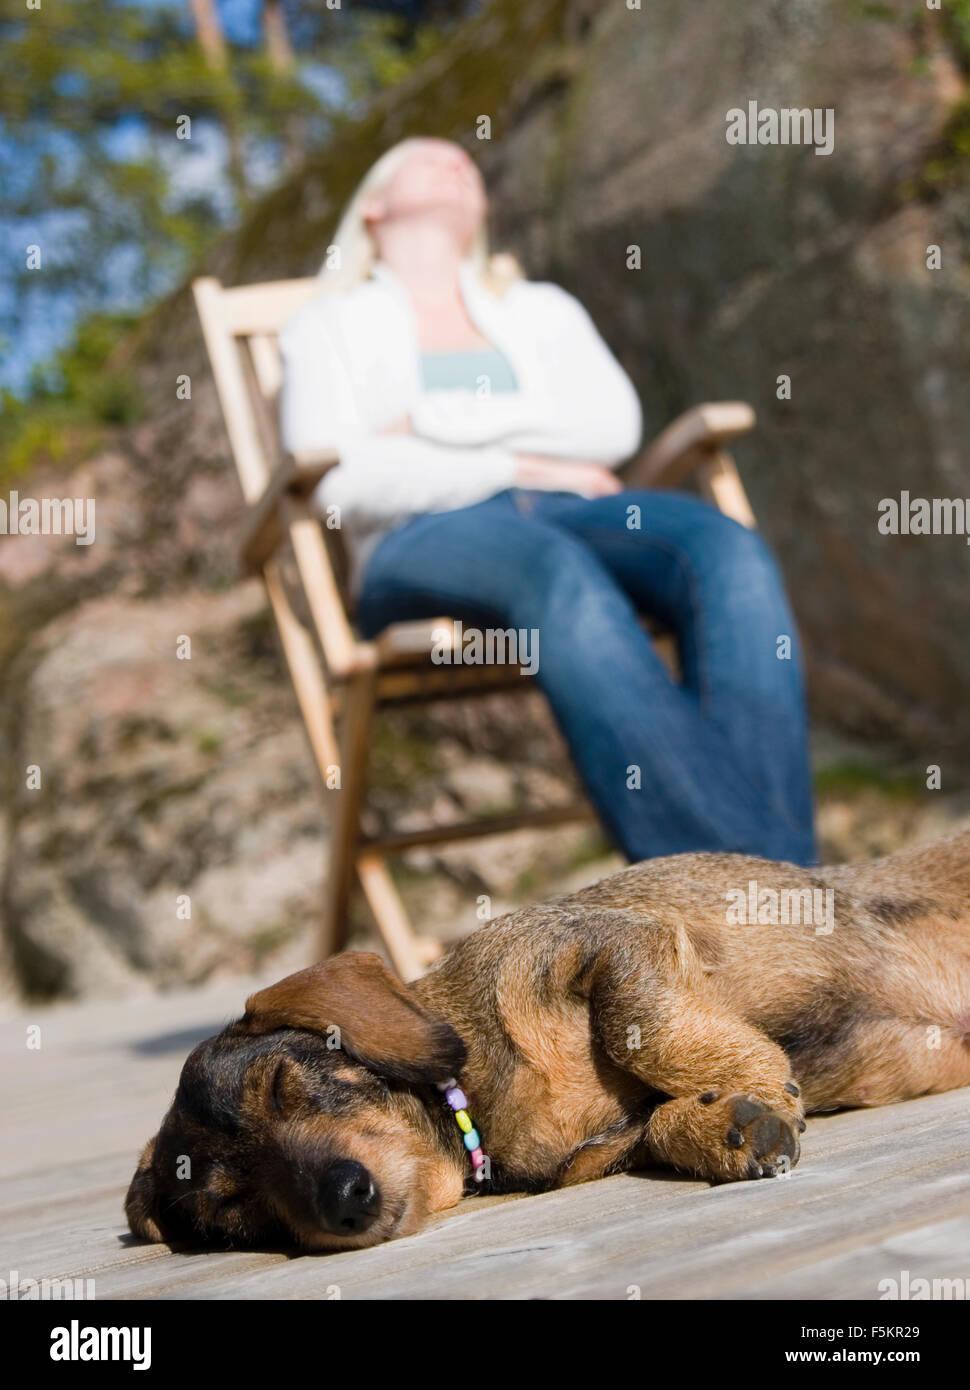 Sweden, Bohuslan, Tjorn, Low angle view of woman and dog sleeping - Stock Image